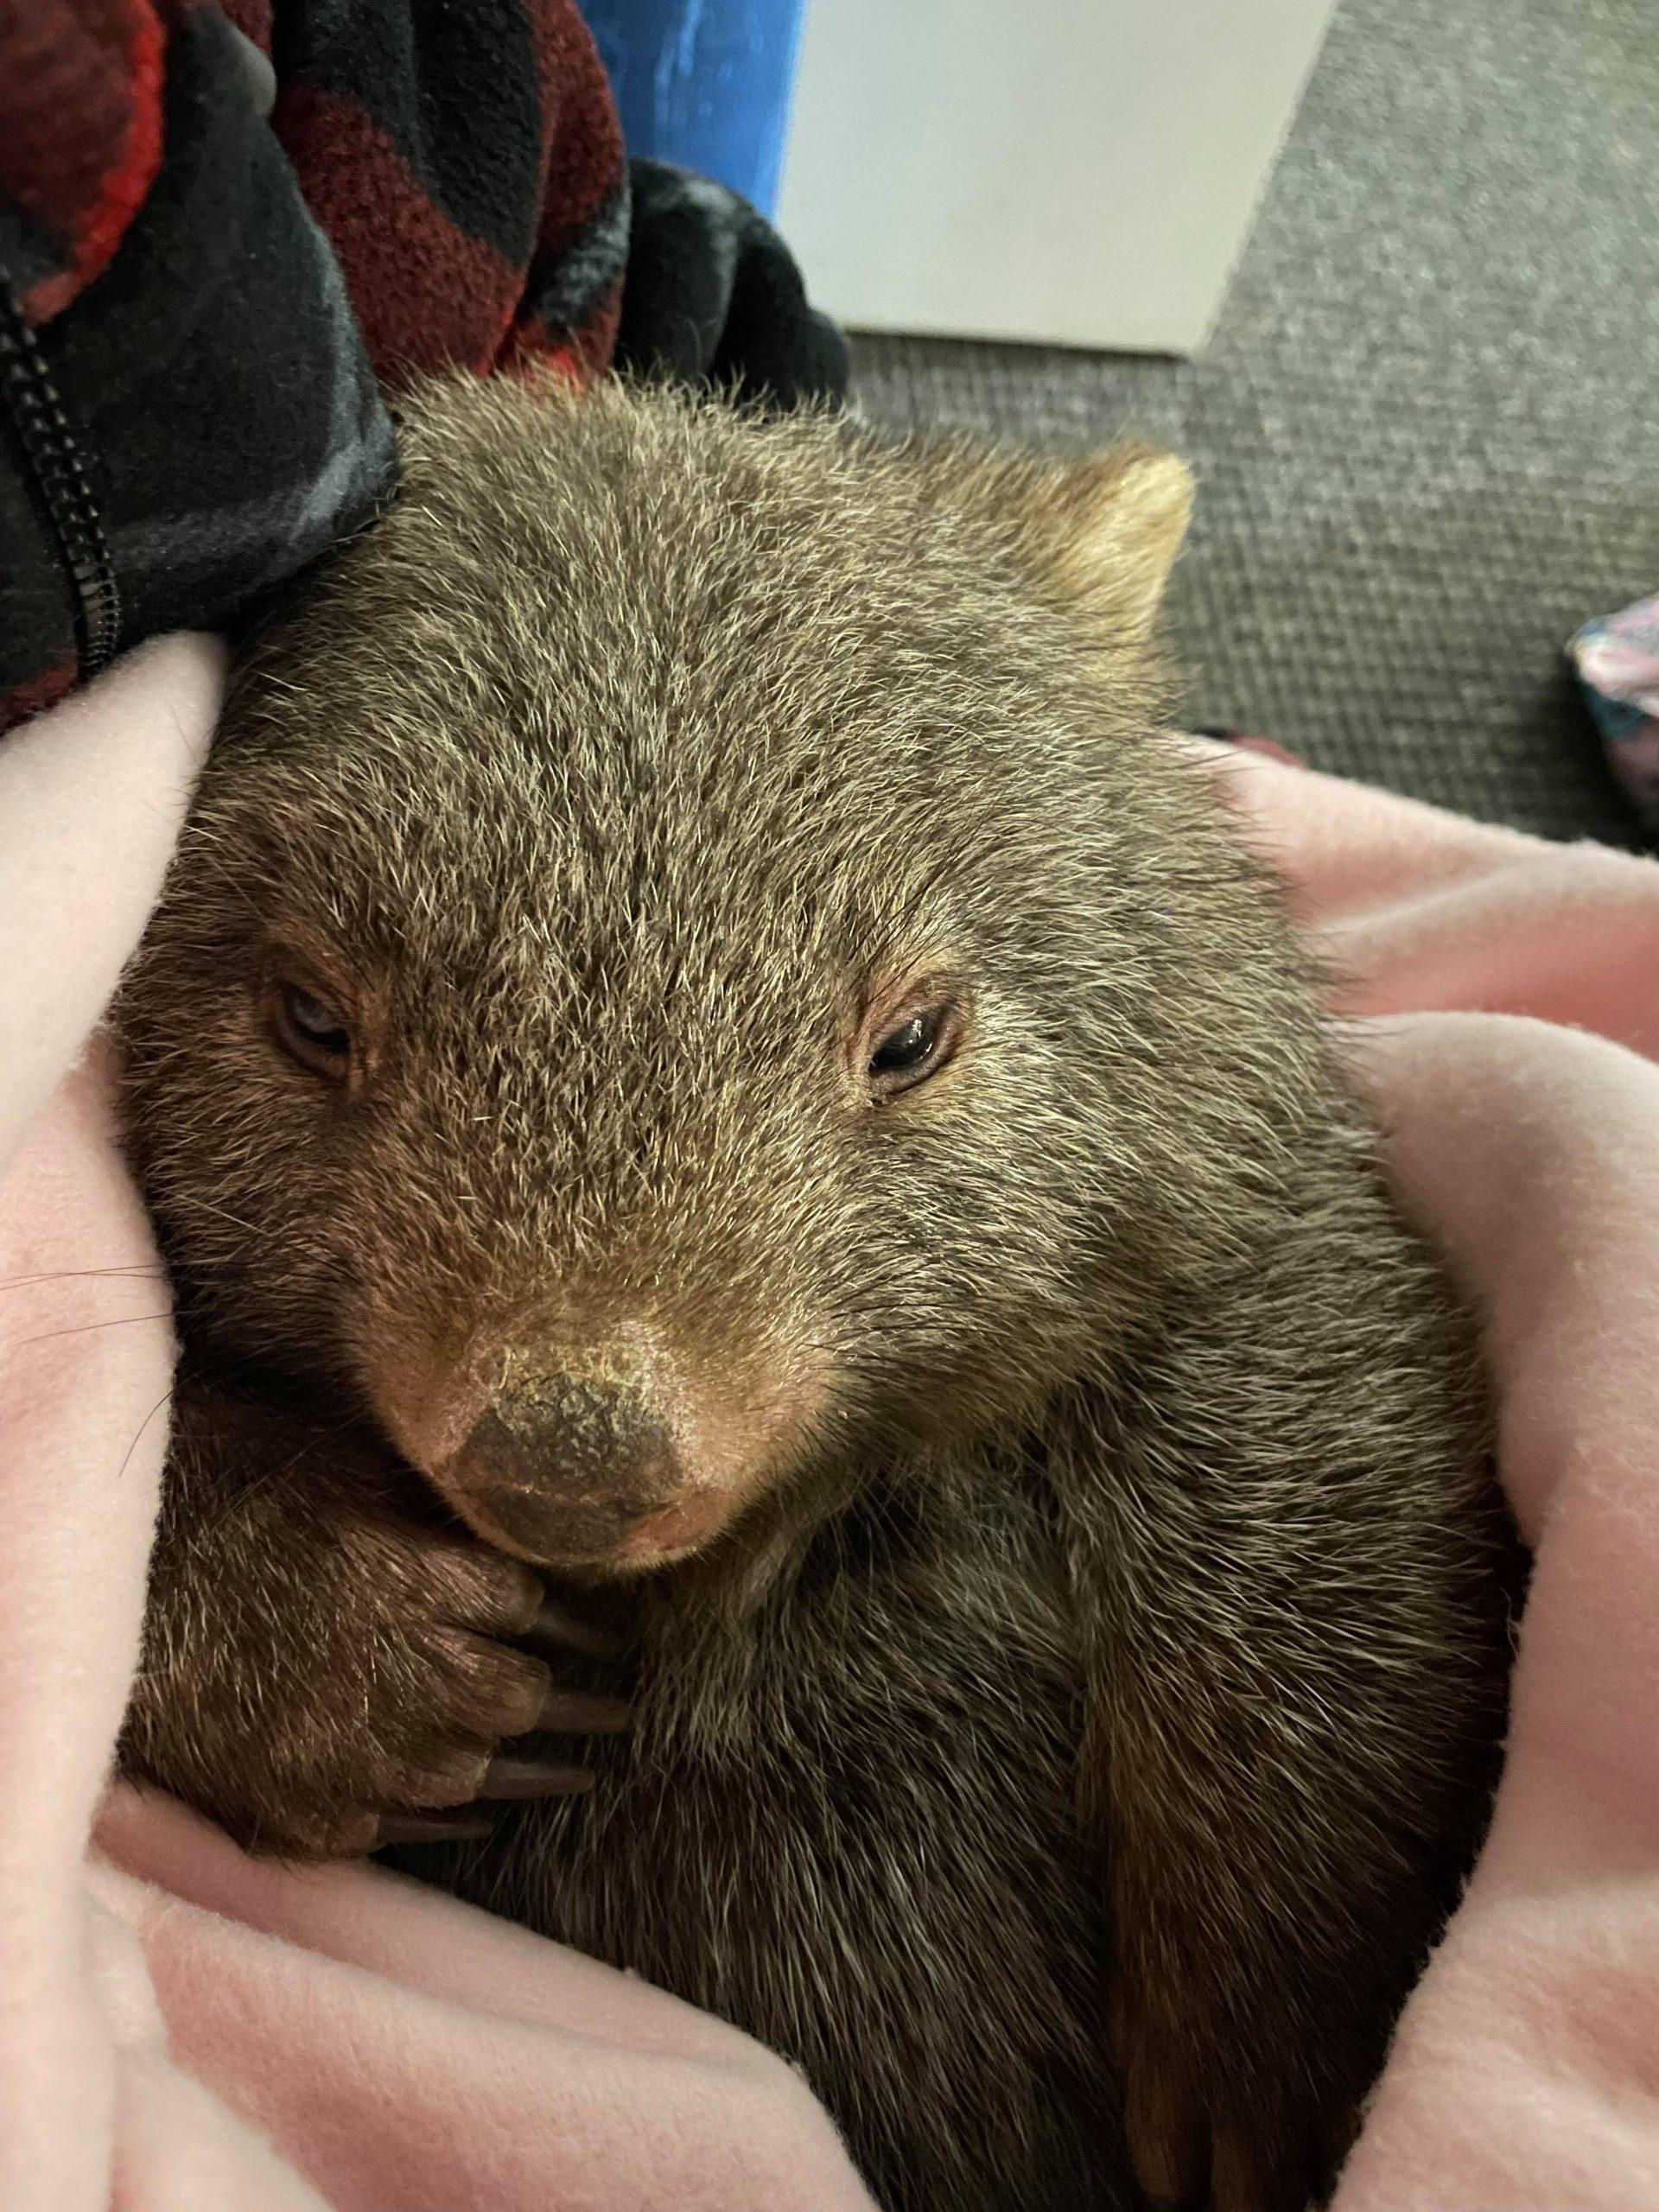 Baz the baby wombat